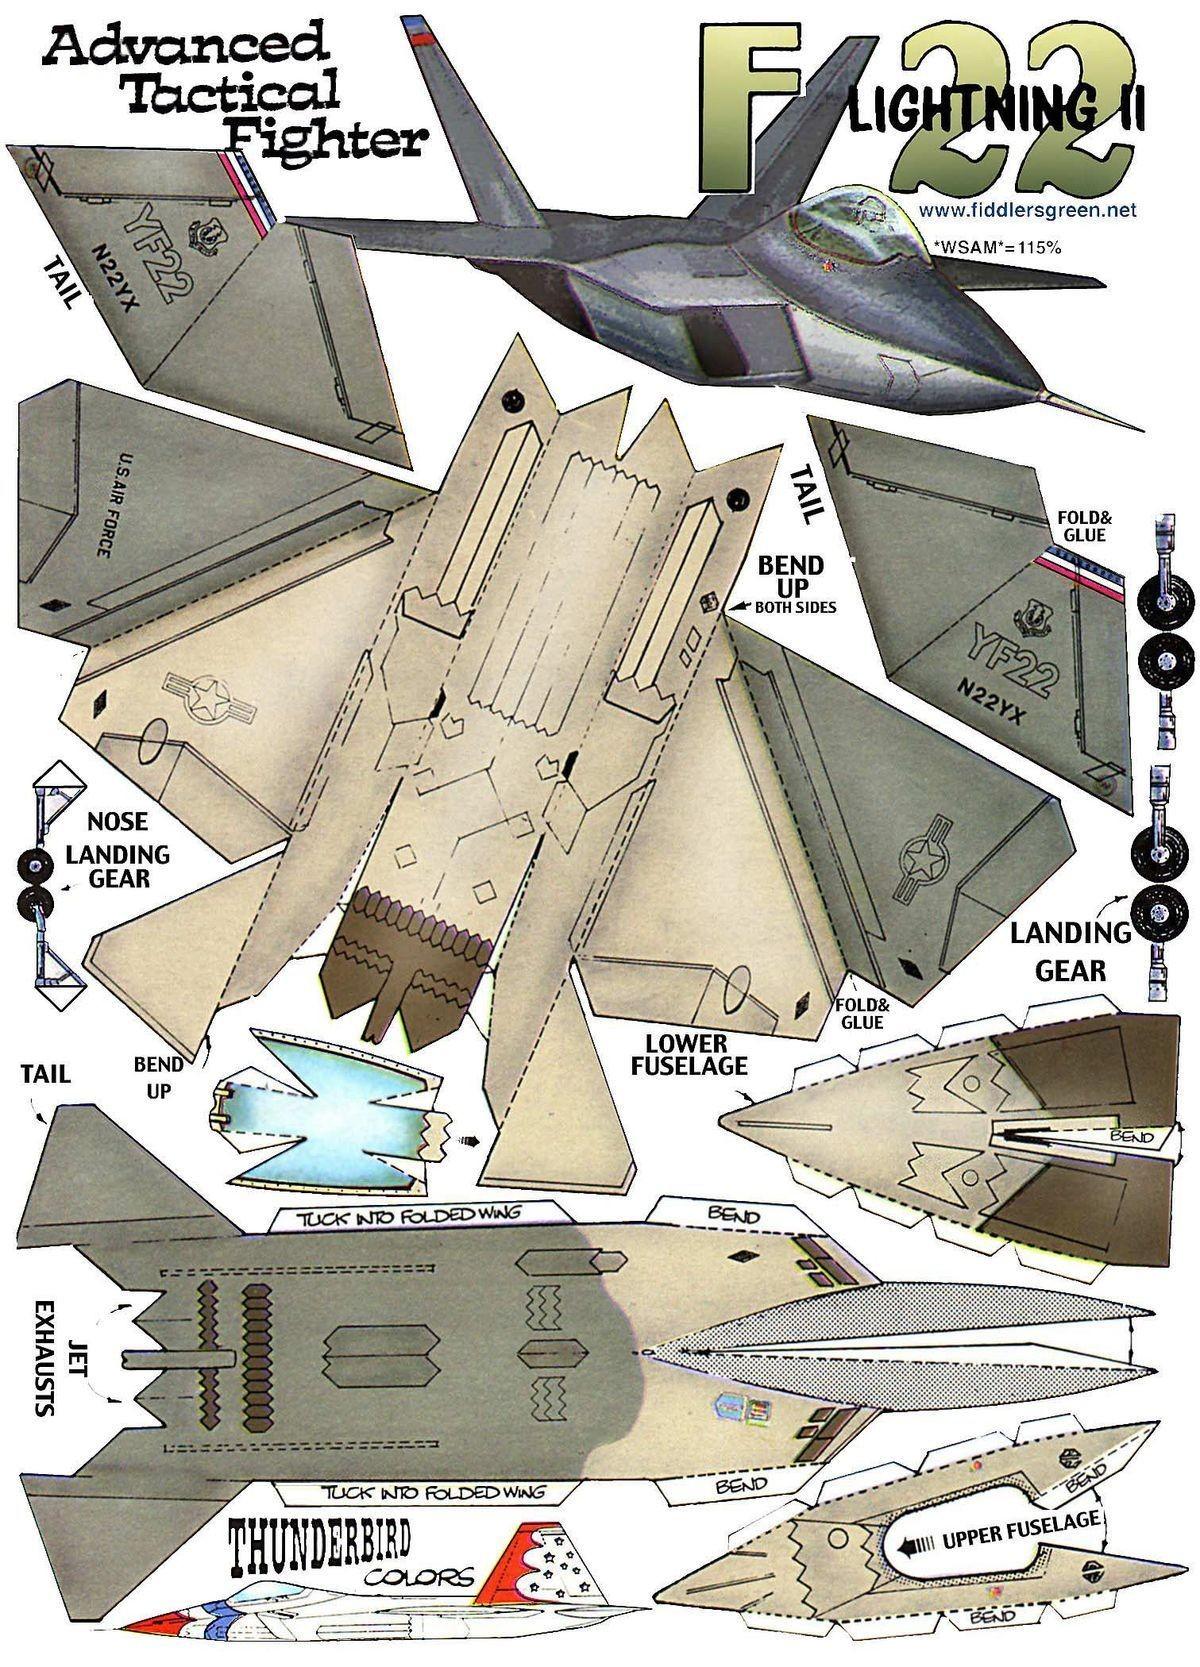 Plane Papercraft 6f182ac D378aaebcb9a A0 1 200—1 667 Pixels